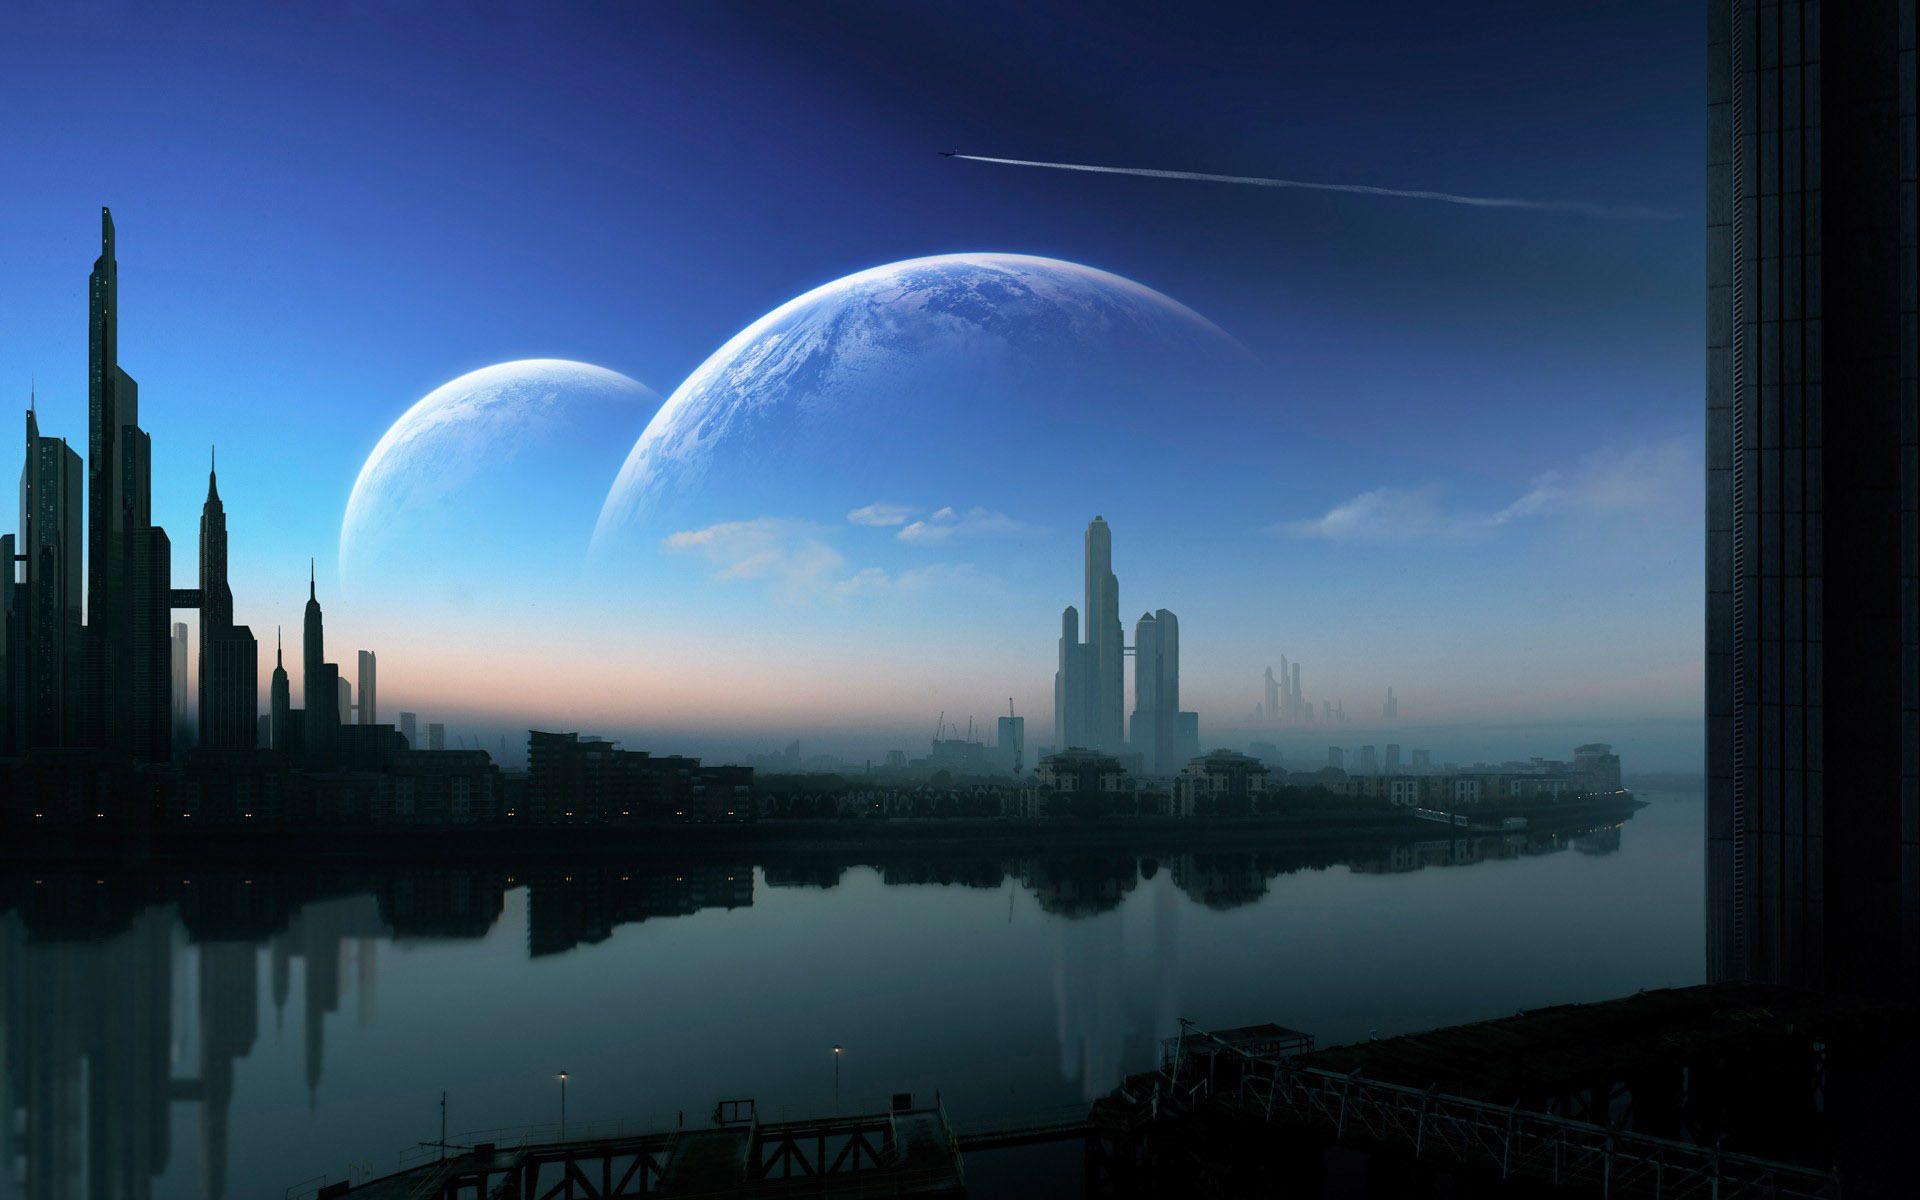 Futuristic City Wallpaper Hd: Futuristic Cities Wallpaper